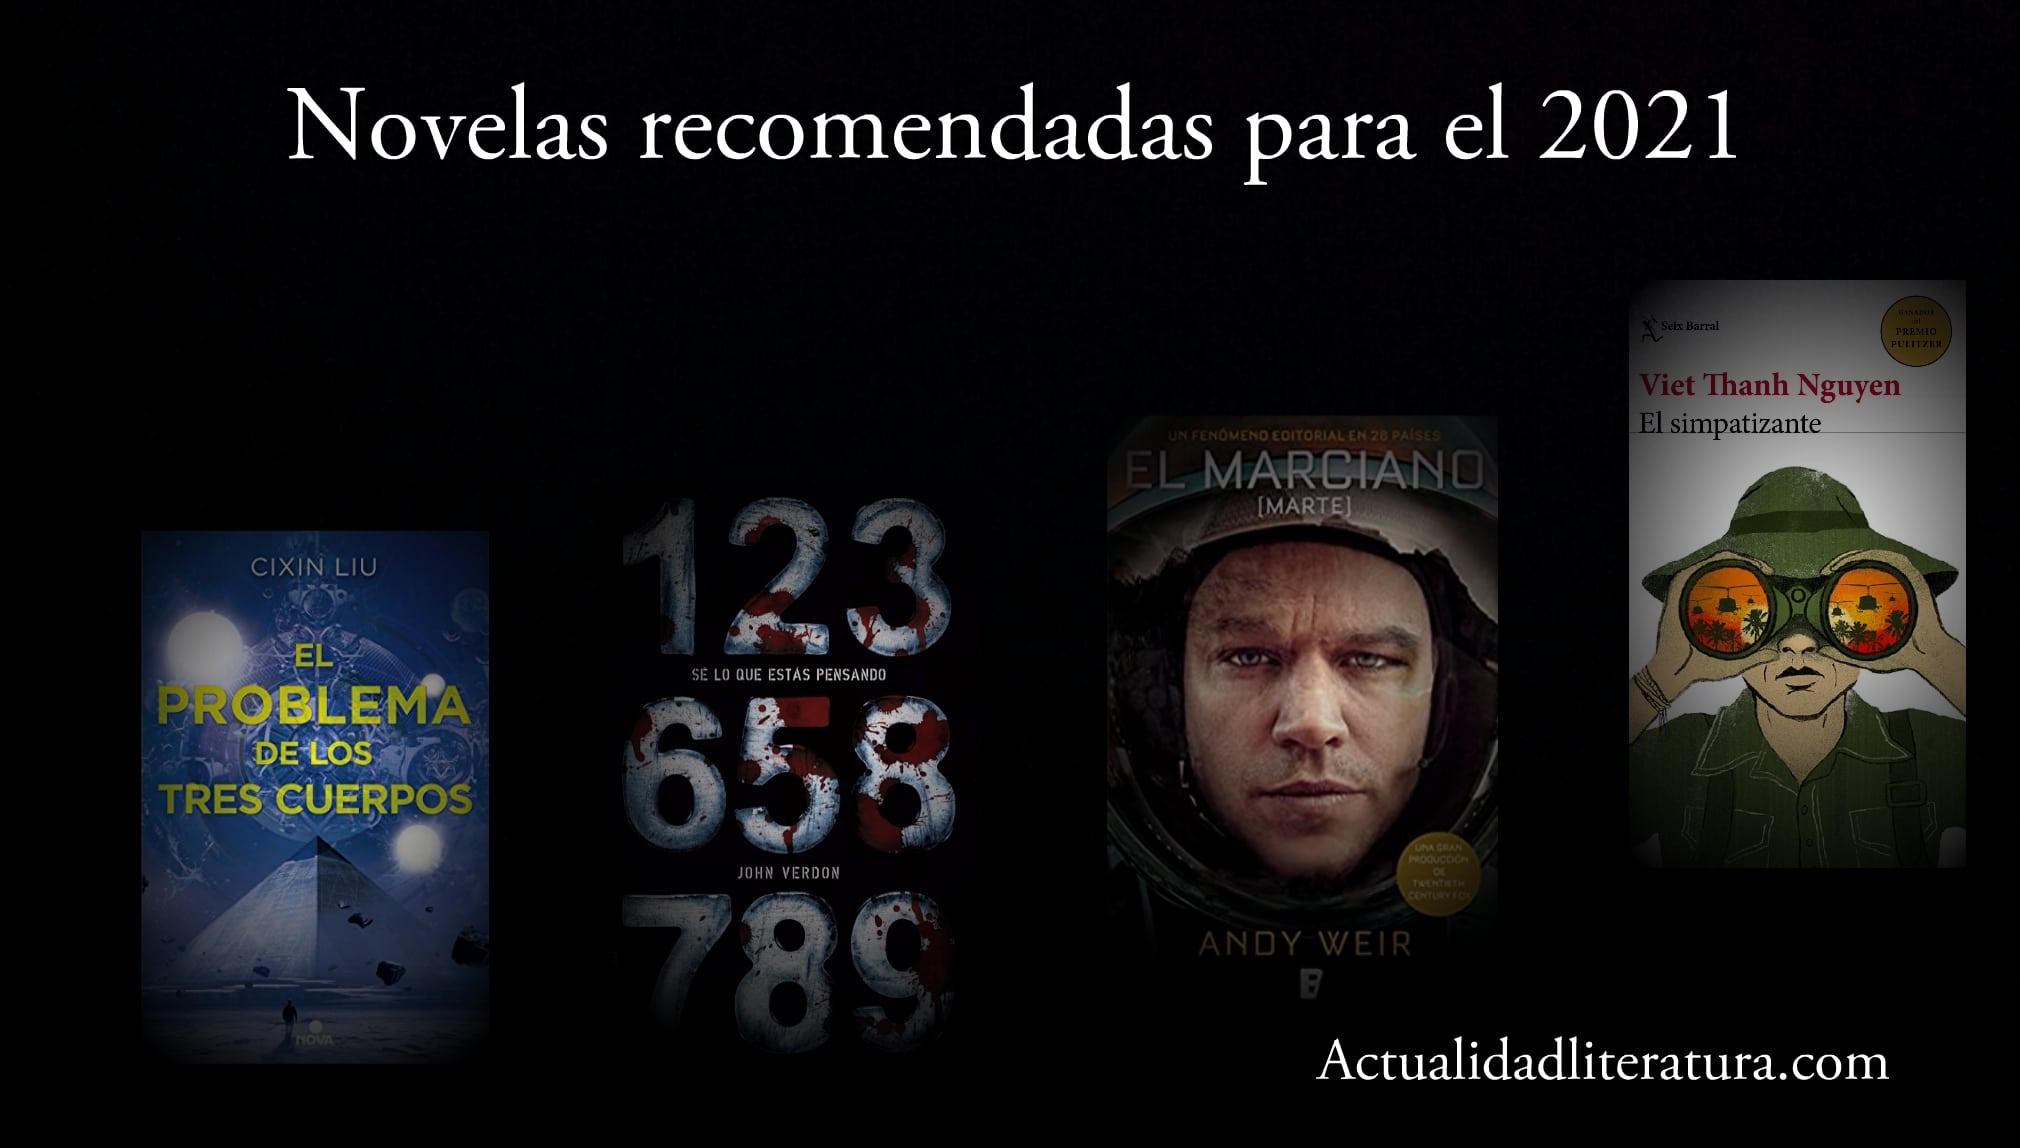 Novelas recomendadas para el 2021